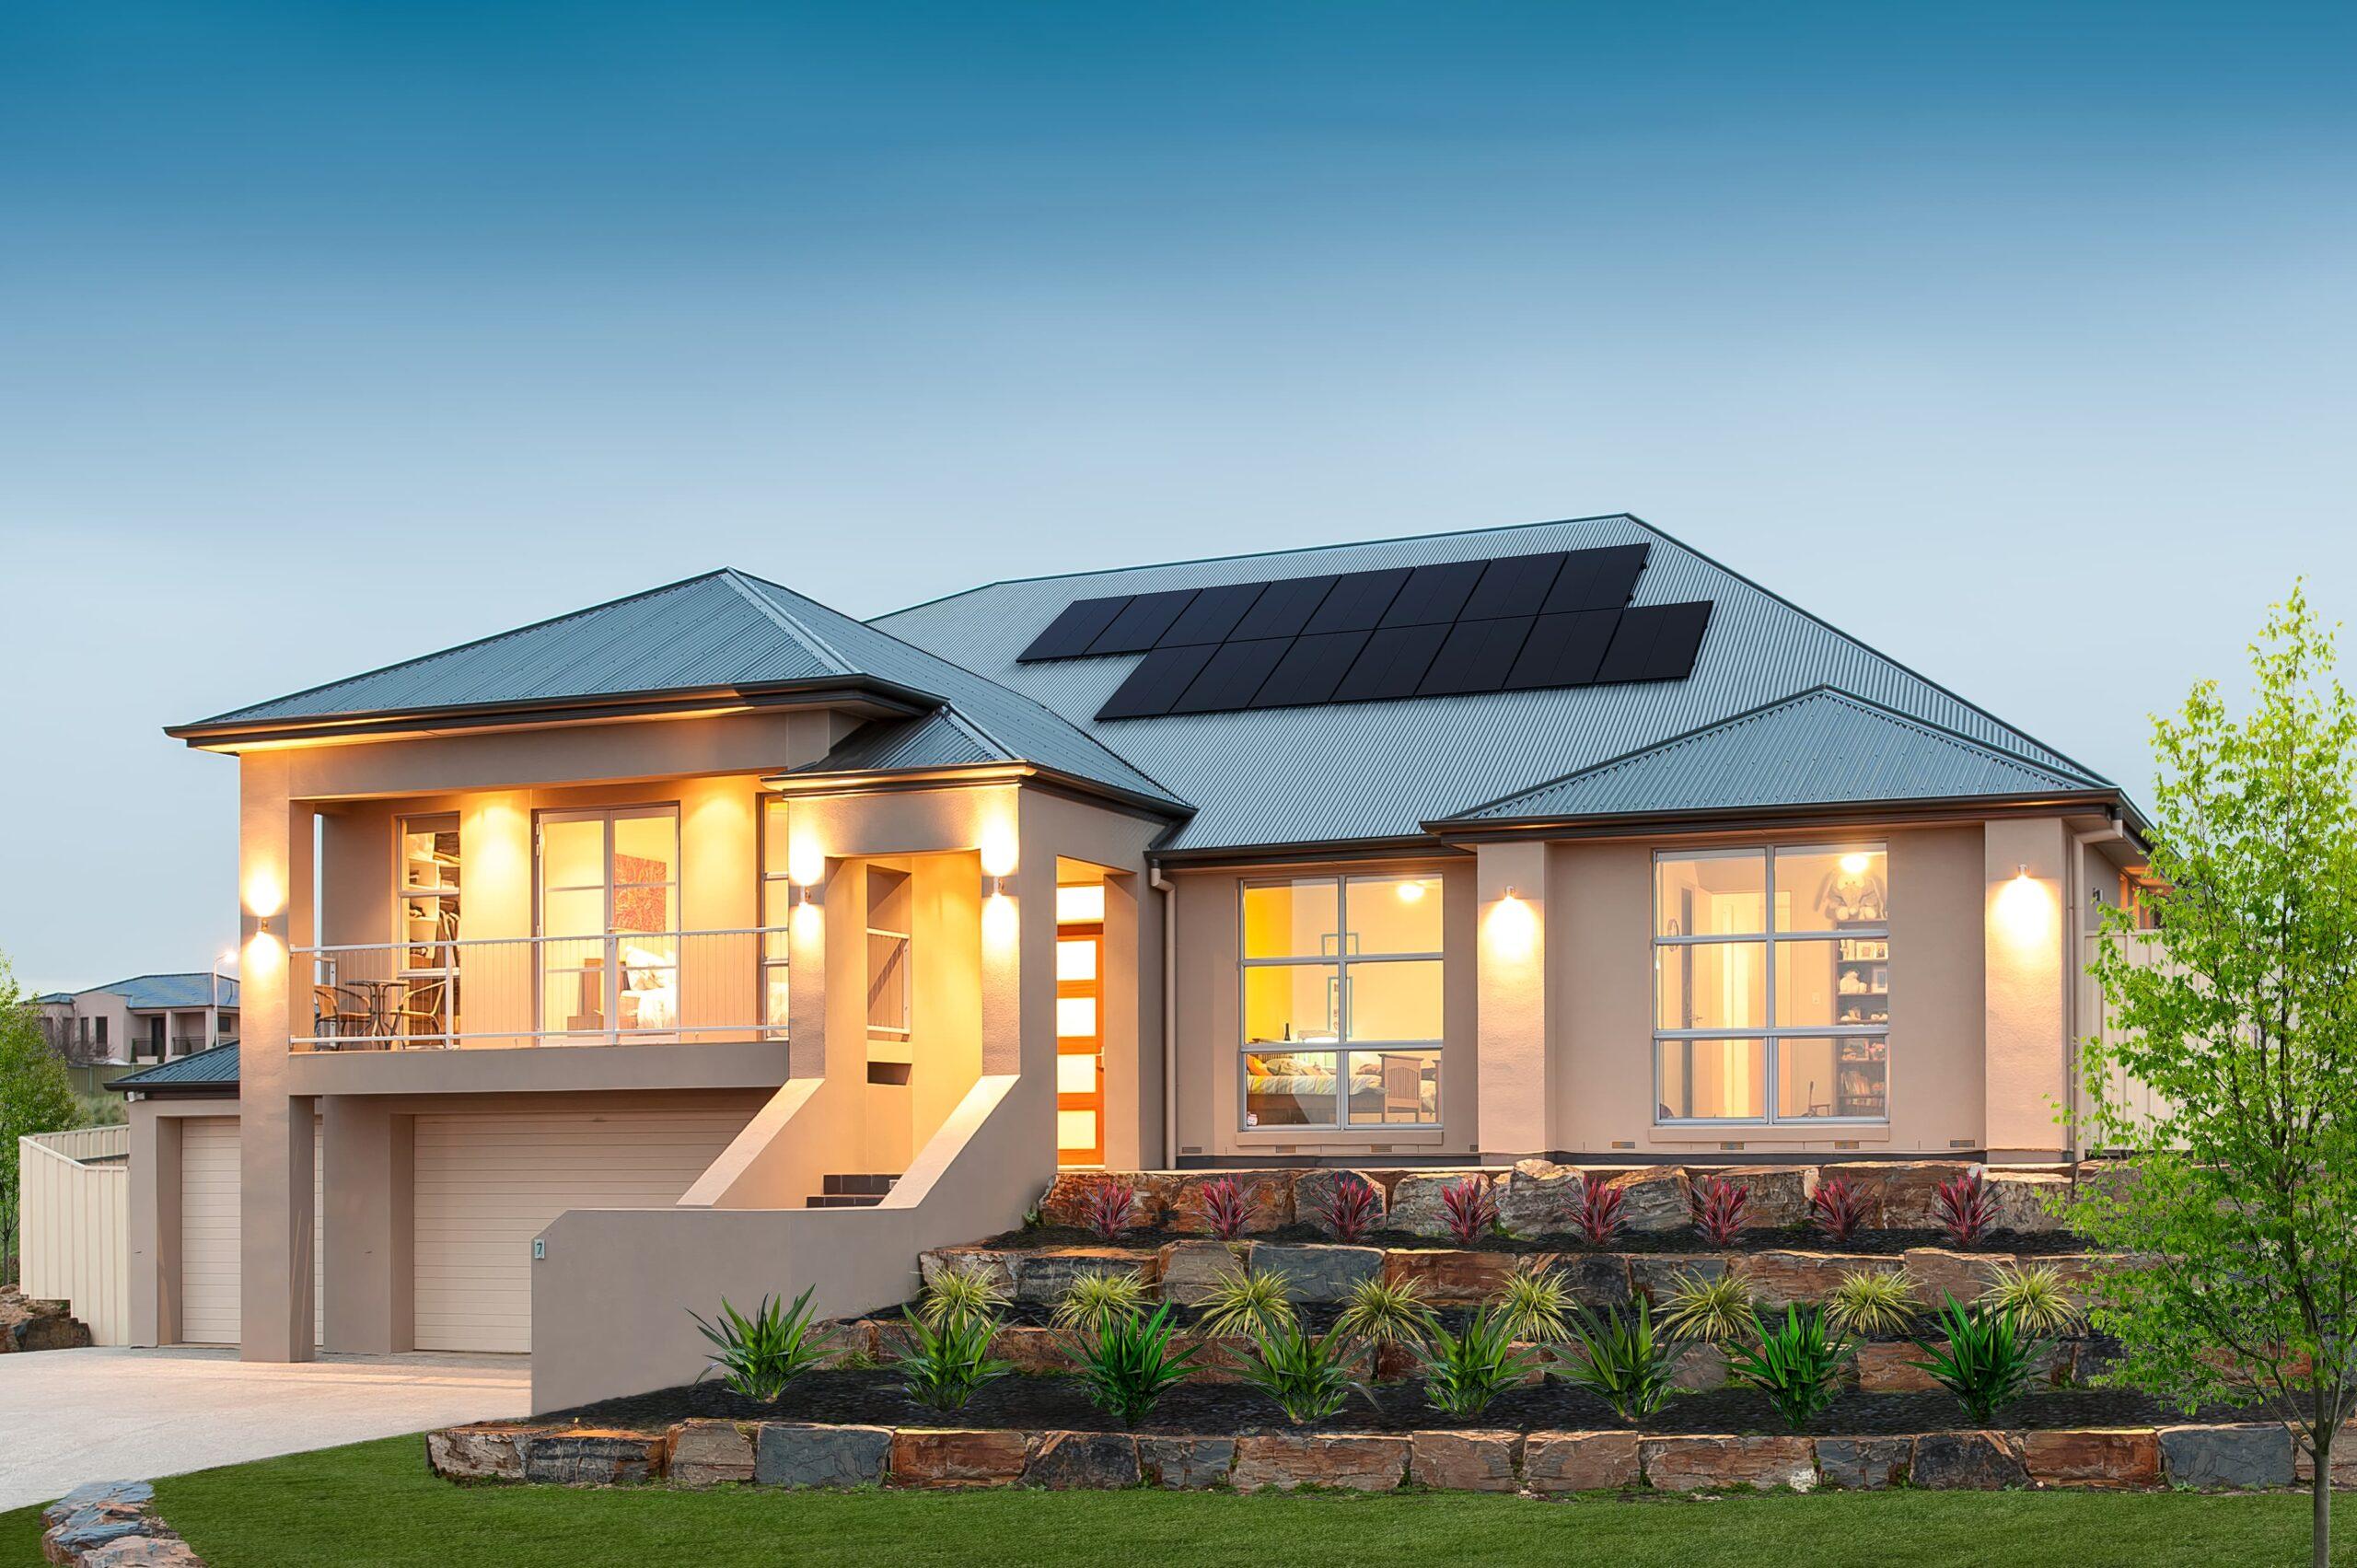 Energreen installateur photovoltaïque certifié est Elite Partner Sunpower